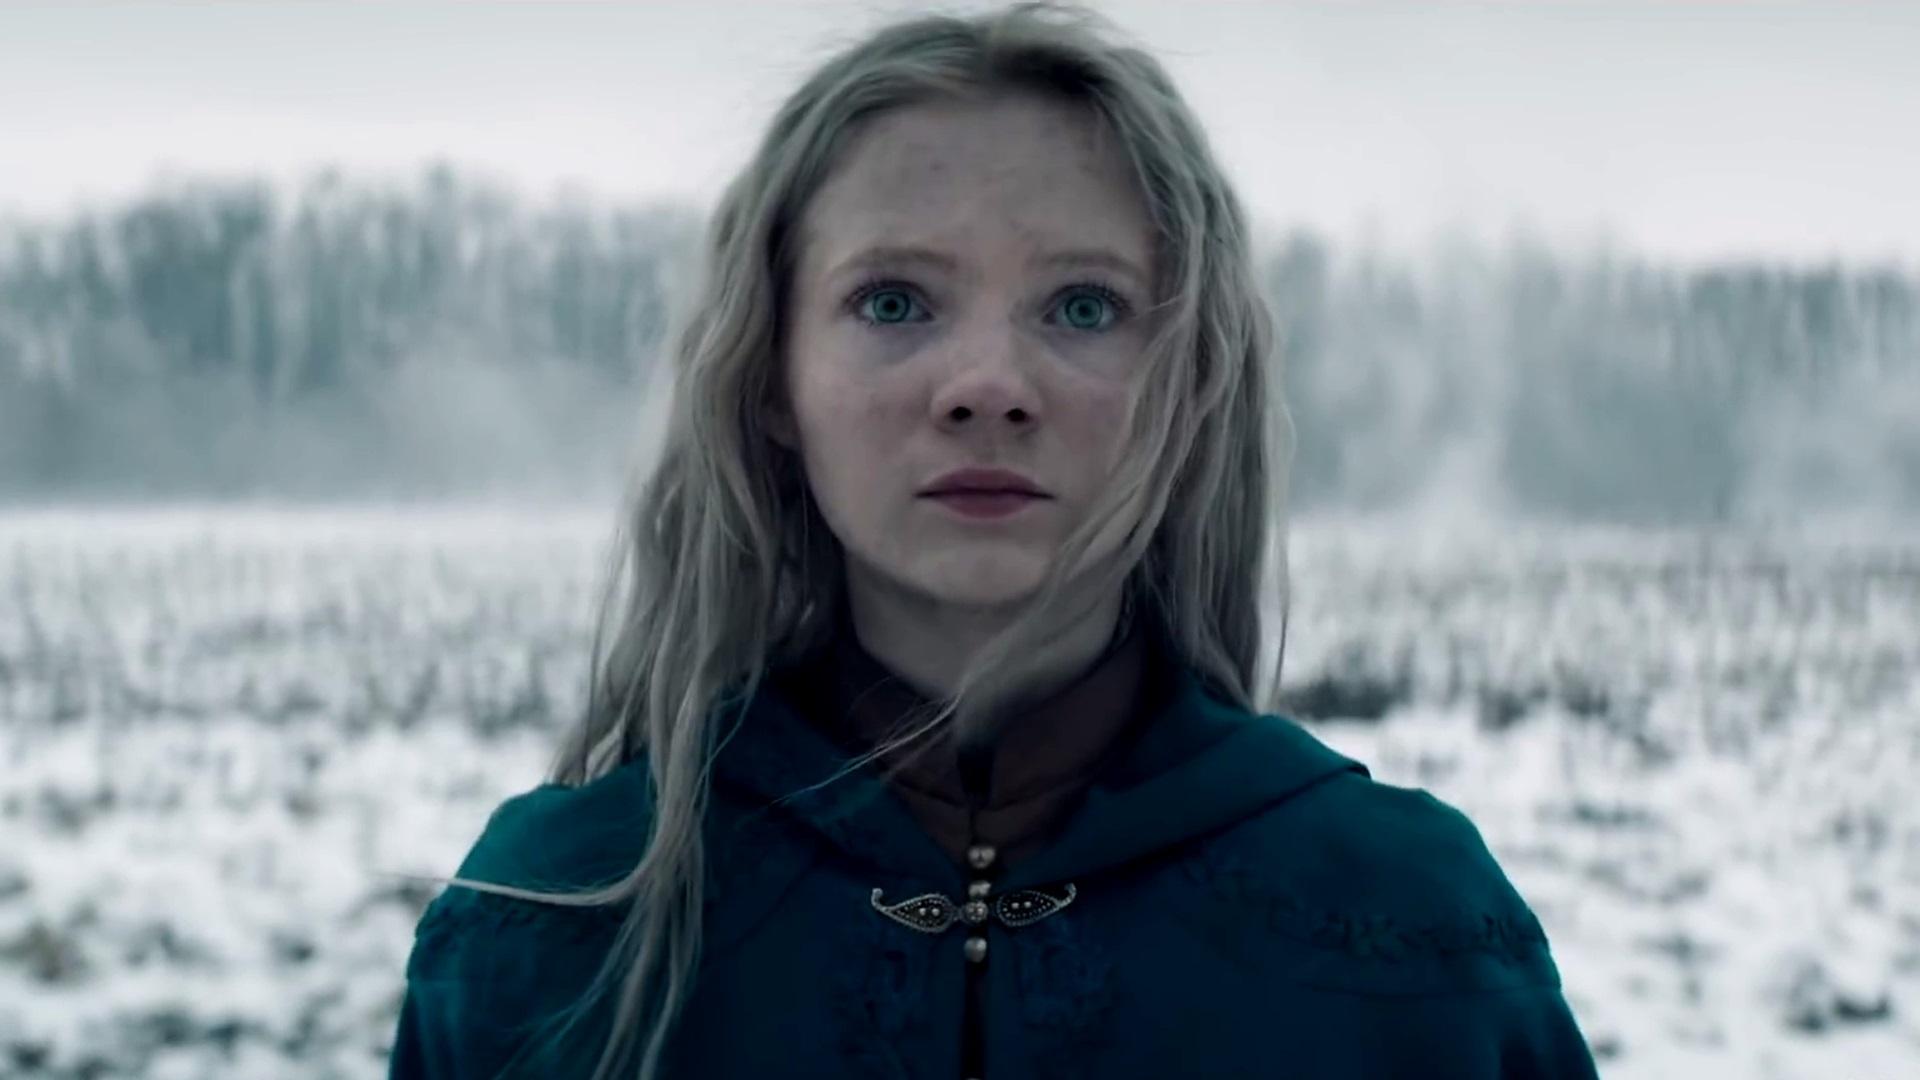 Синопсис и новые кадры второго сезона «Ведьмака» 2